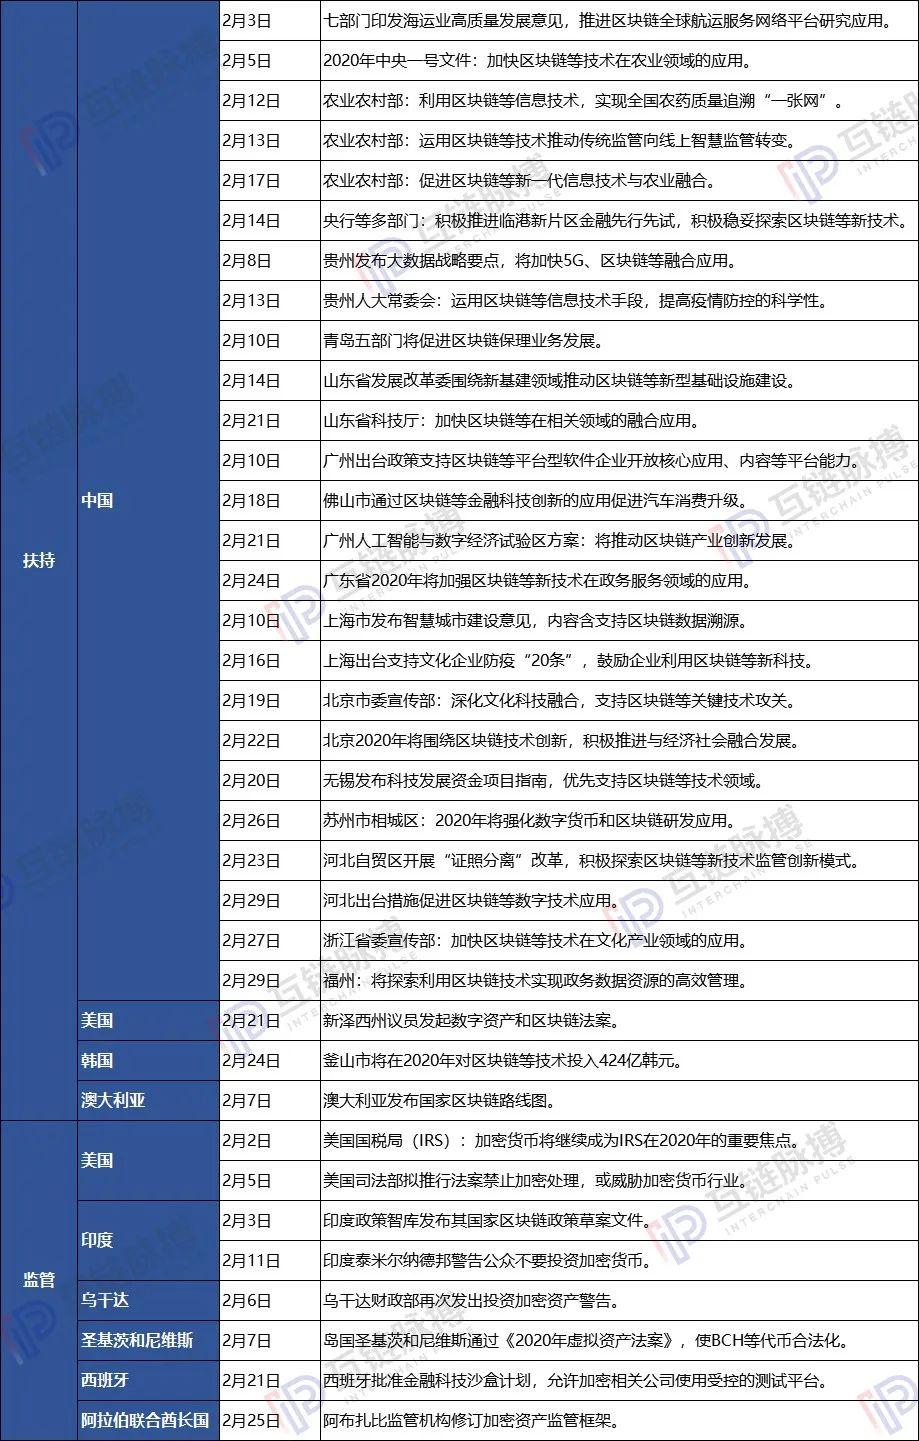 纵览2月全球区块链政策:国内多为助力疫情防控,广东山东扶持力度大